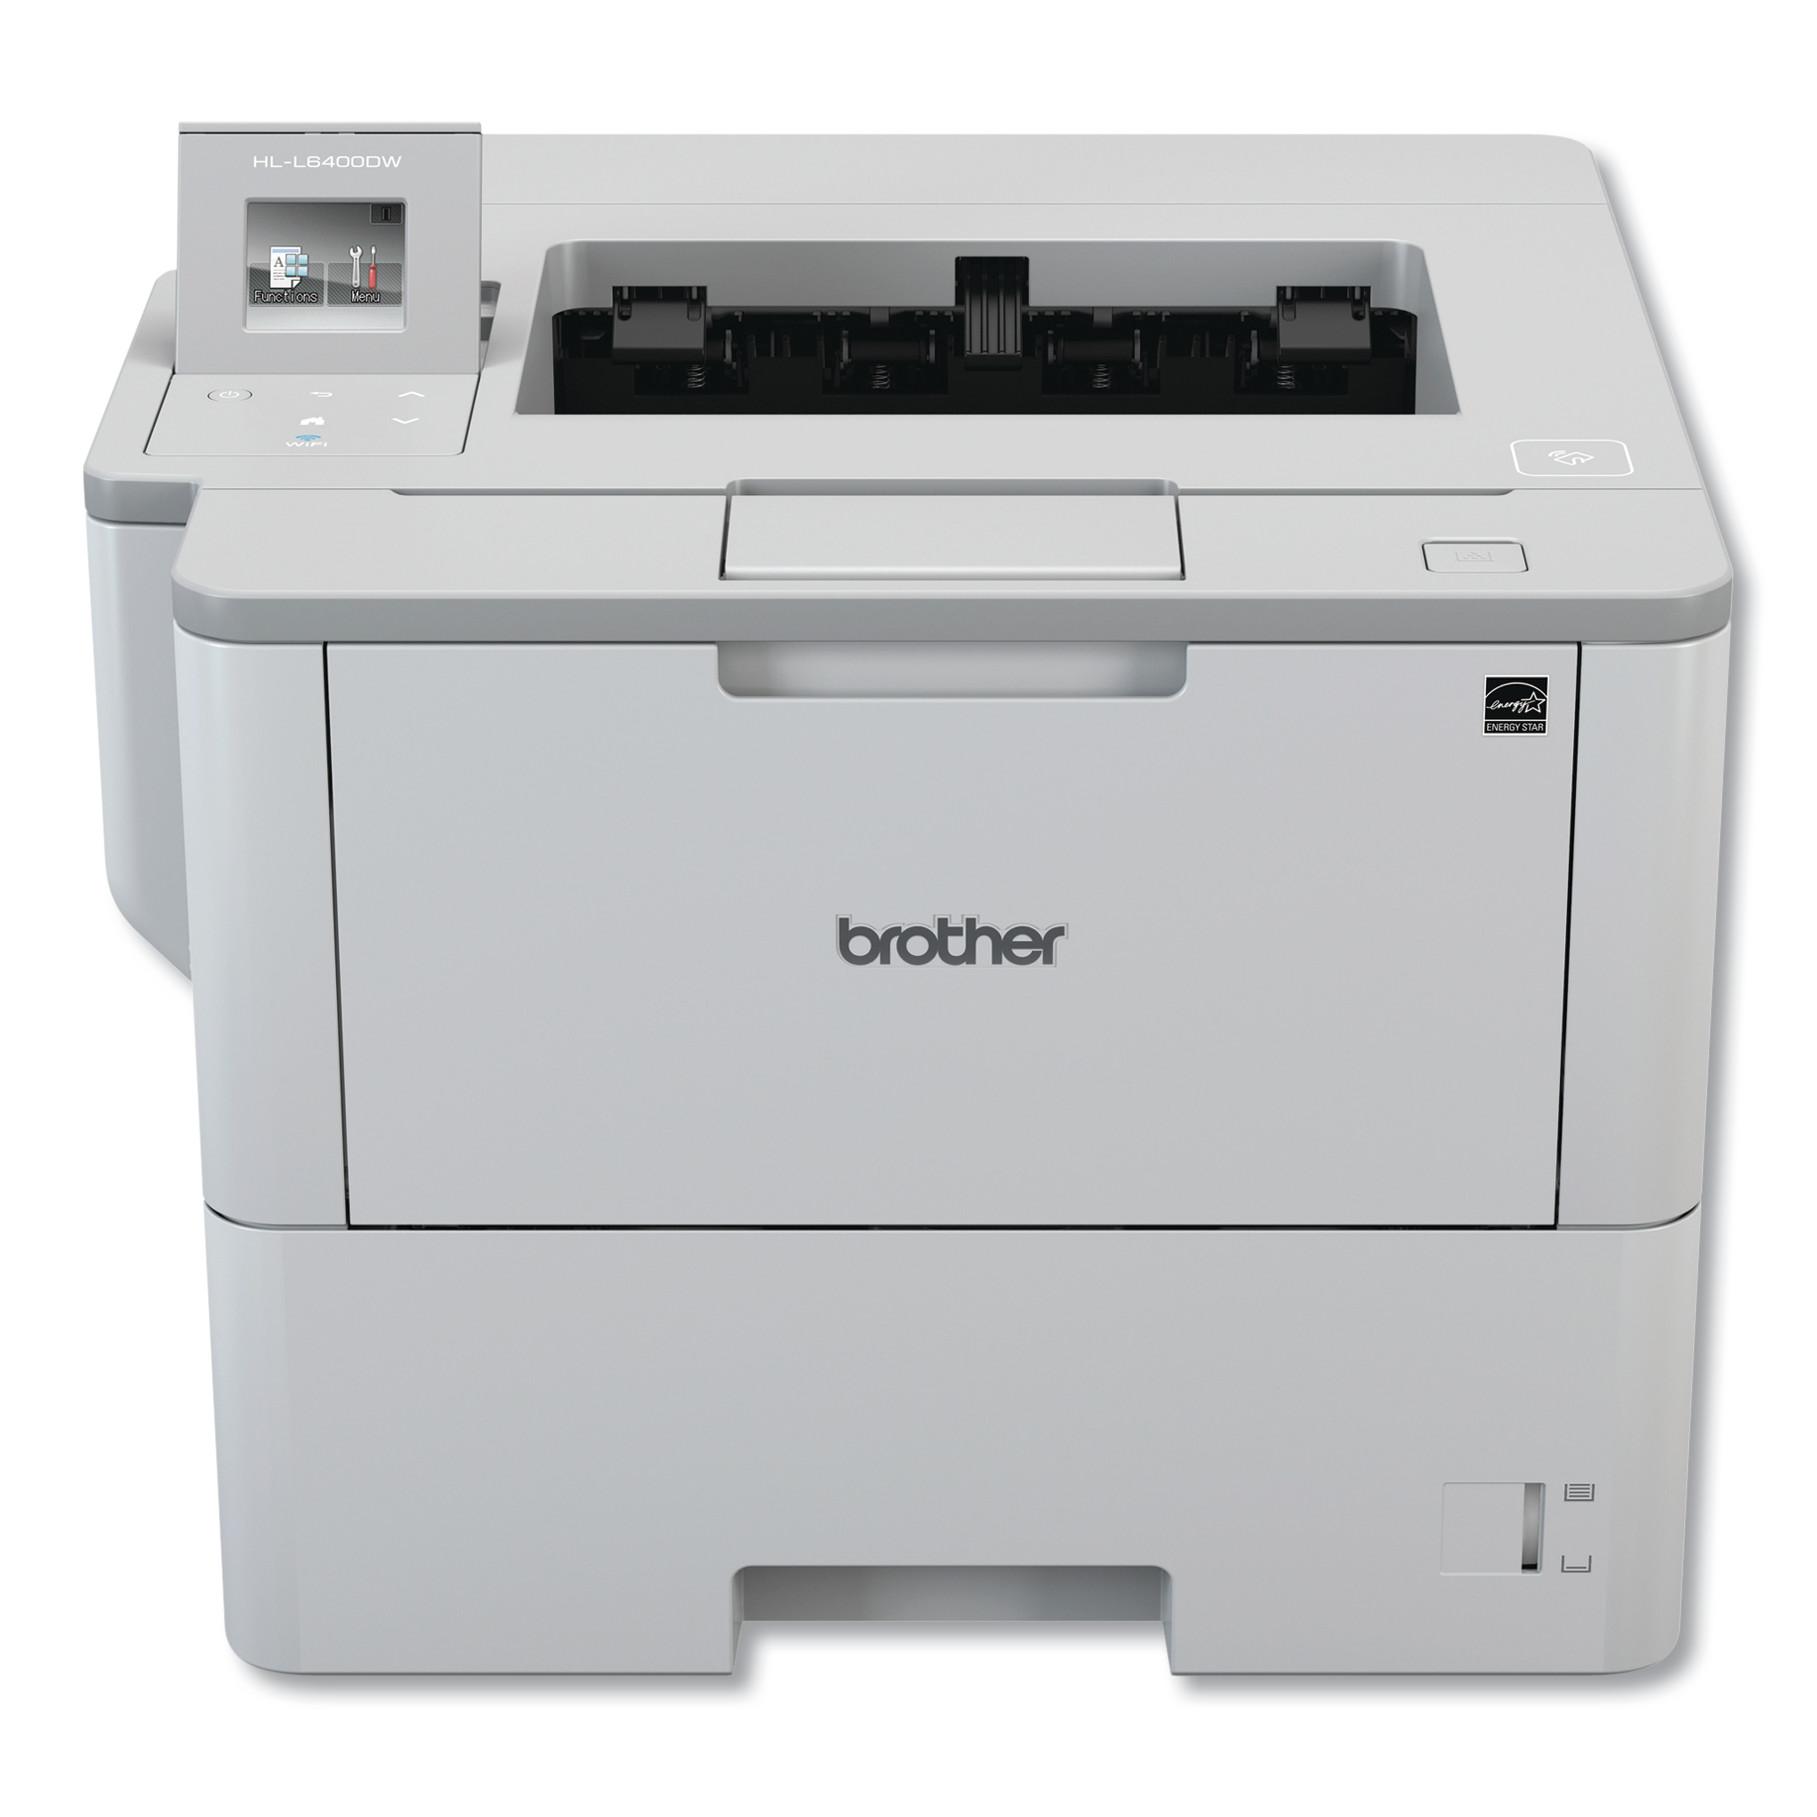 HL-L6400DWG Wireless Laser Printer